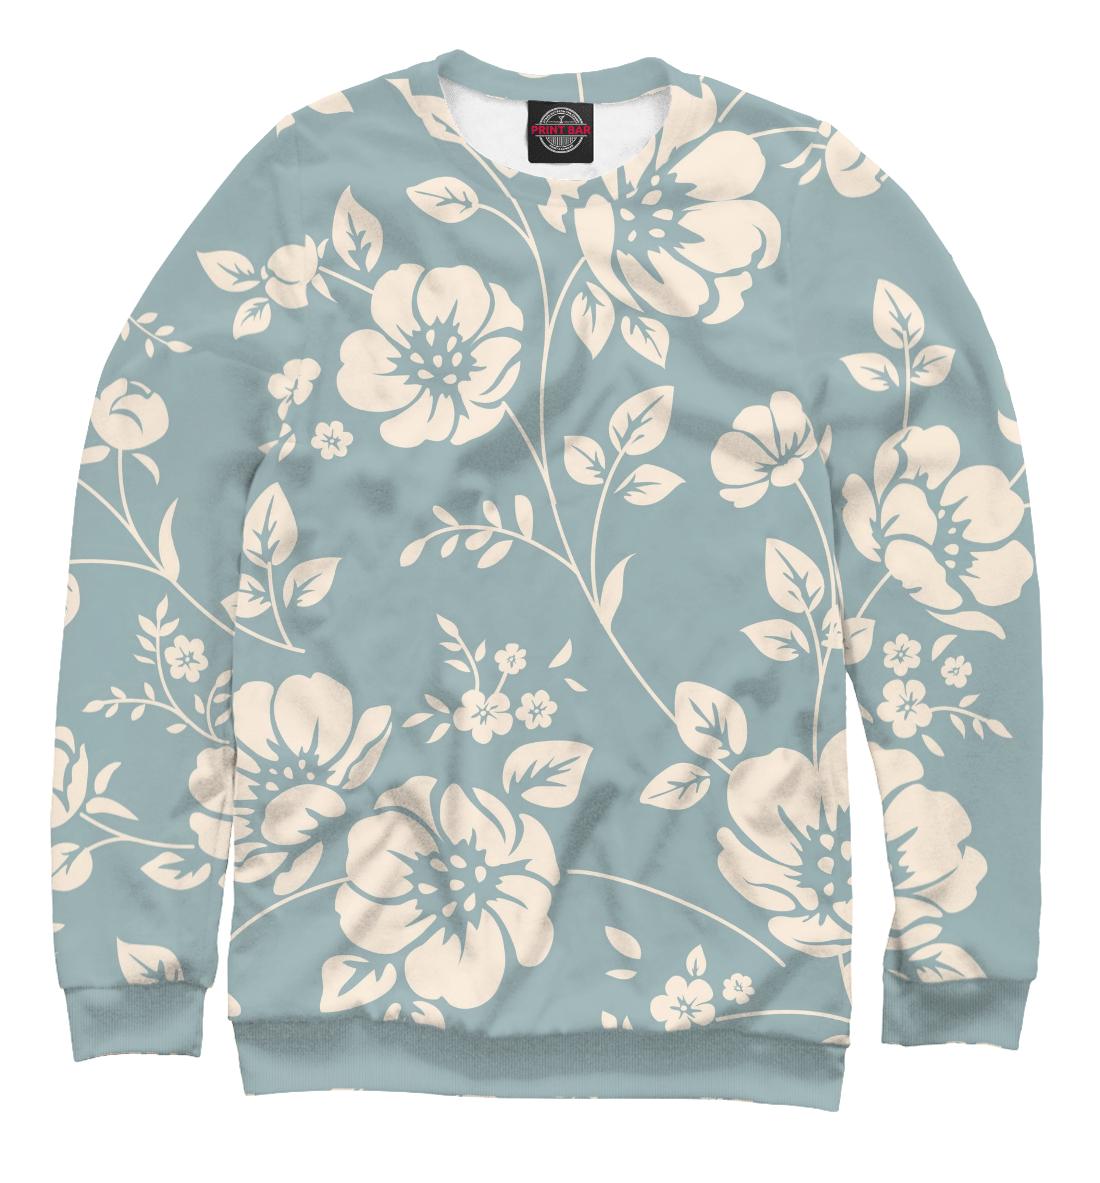 Купить Бежевые цветы на синем фоне, Printbar, Свитшоты, CVE-263117-swi-2